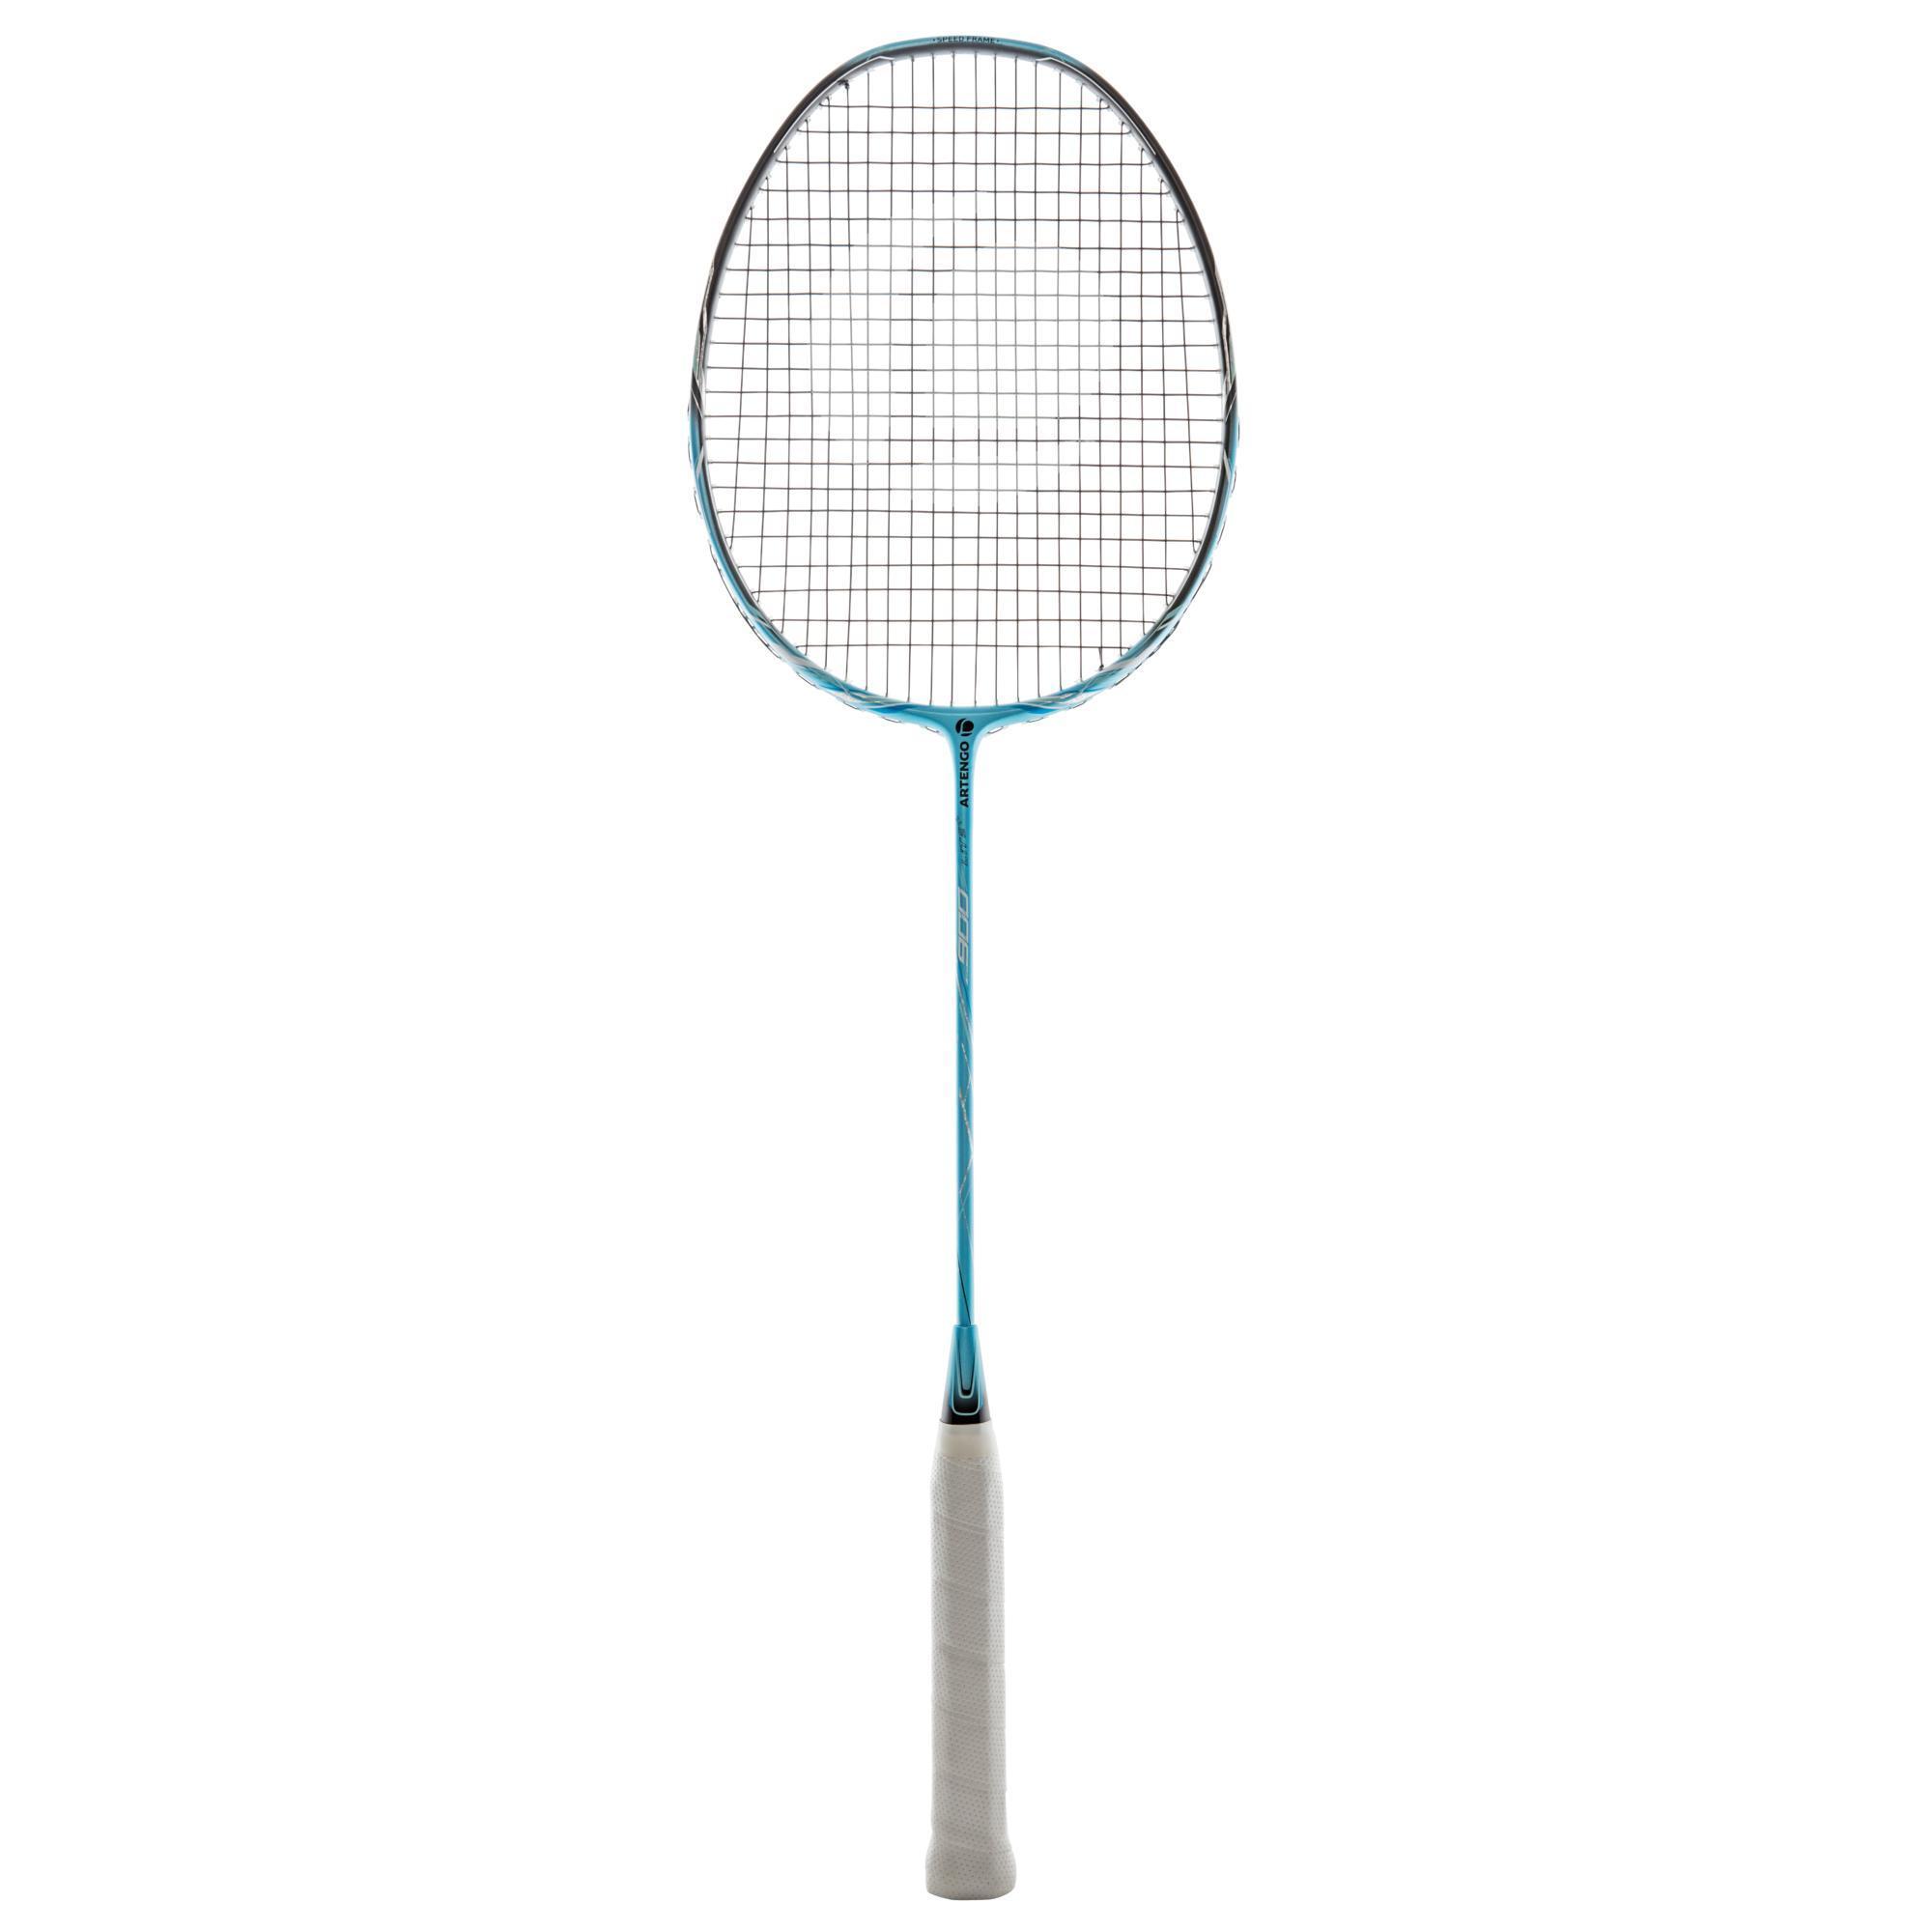 Artengo Badmintonracket BR900 S Ultra Lite voor volwassenen sky blue